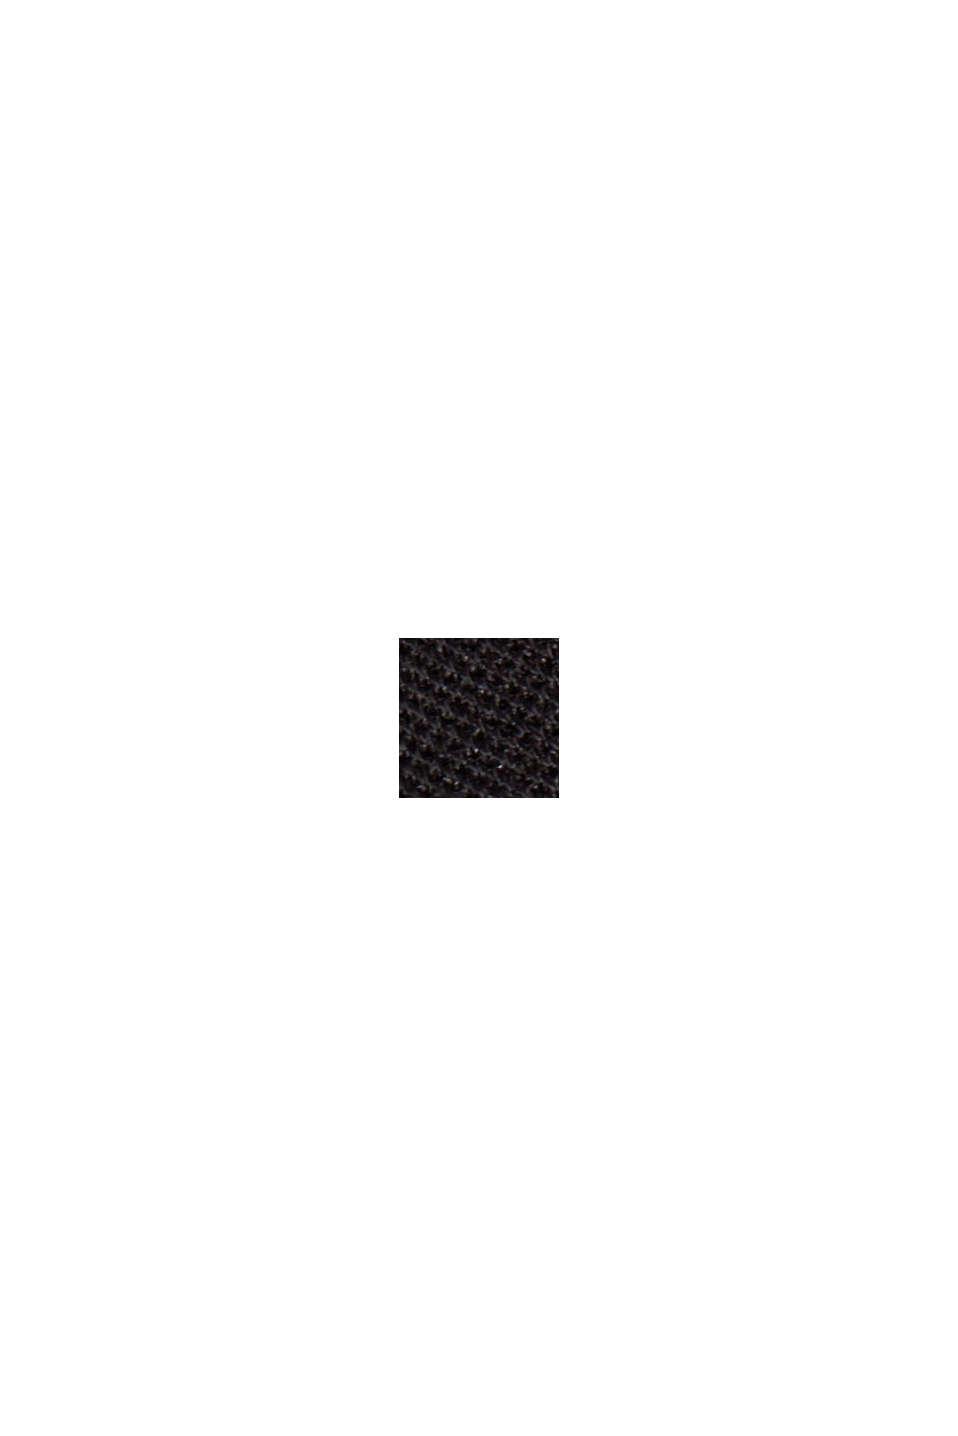 Broek met hoge taille van jersey, BLACK, swatch